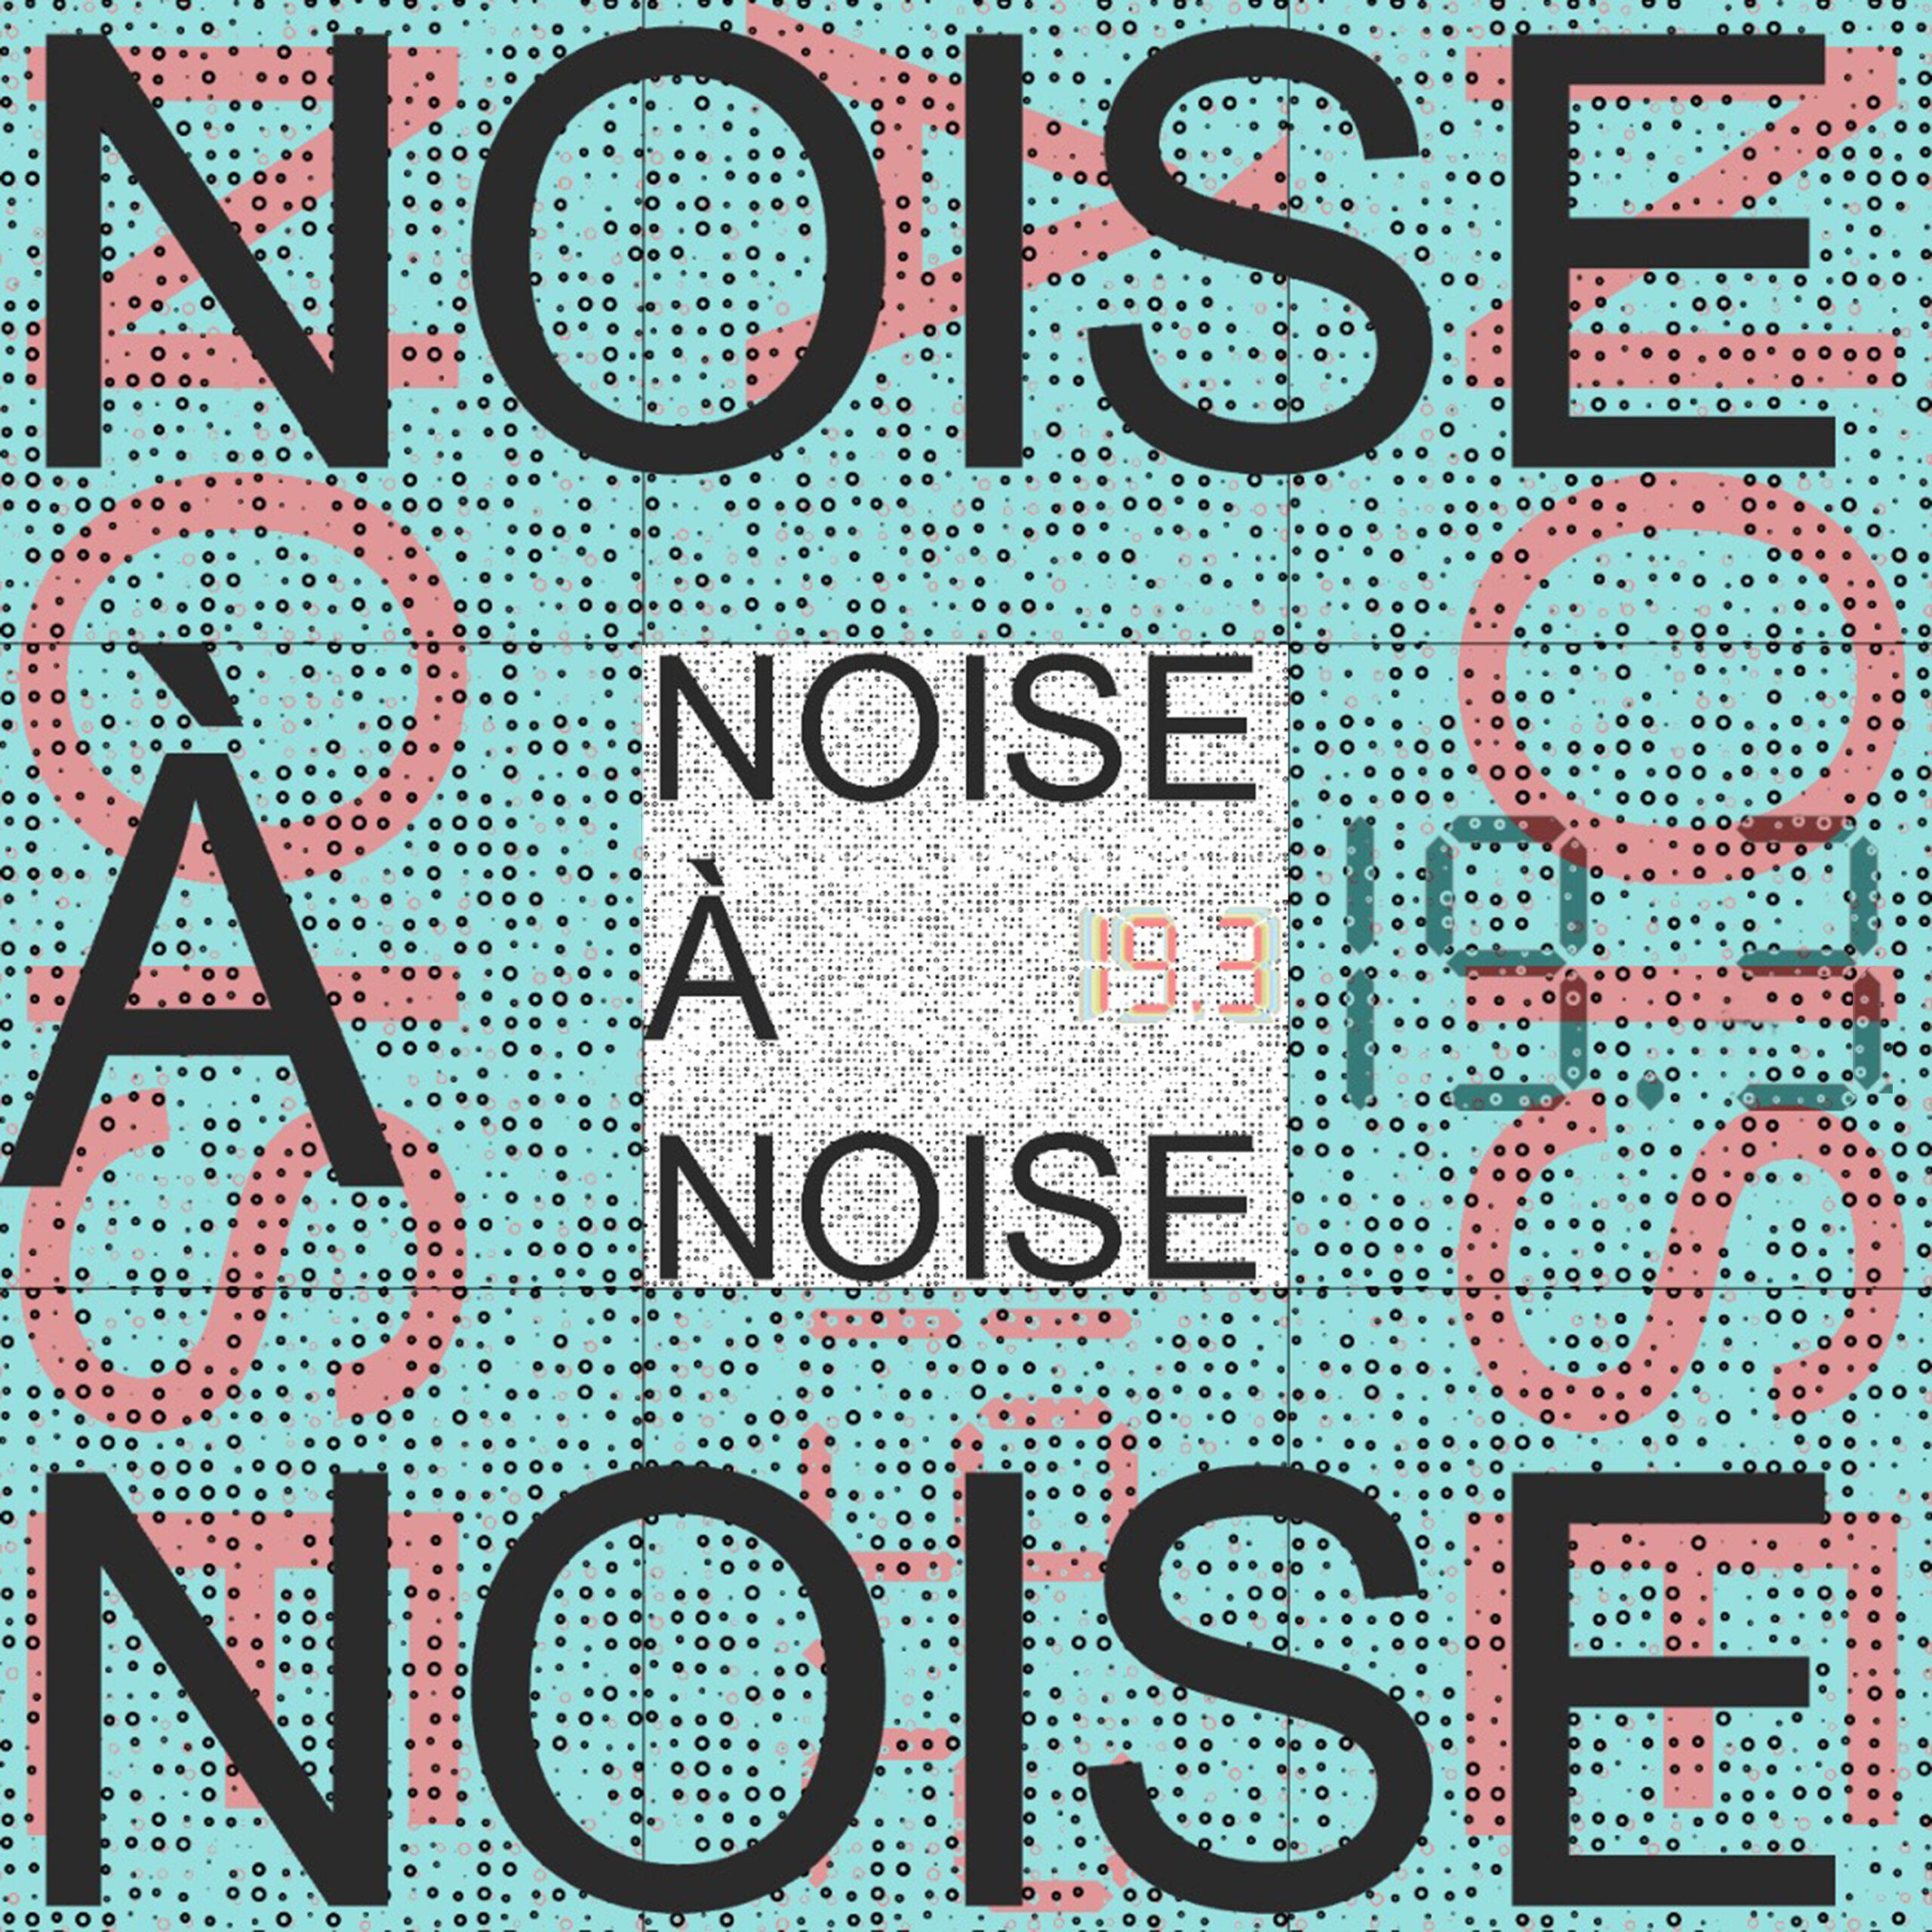 Noise A Noise 19.3